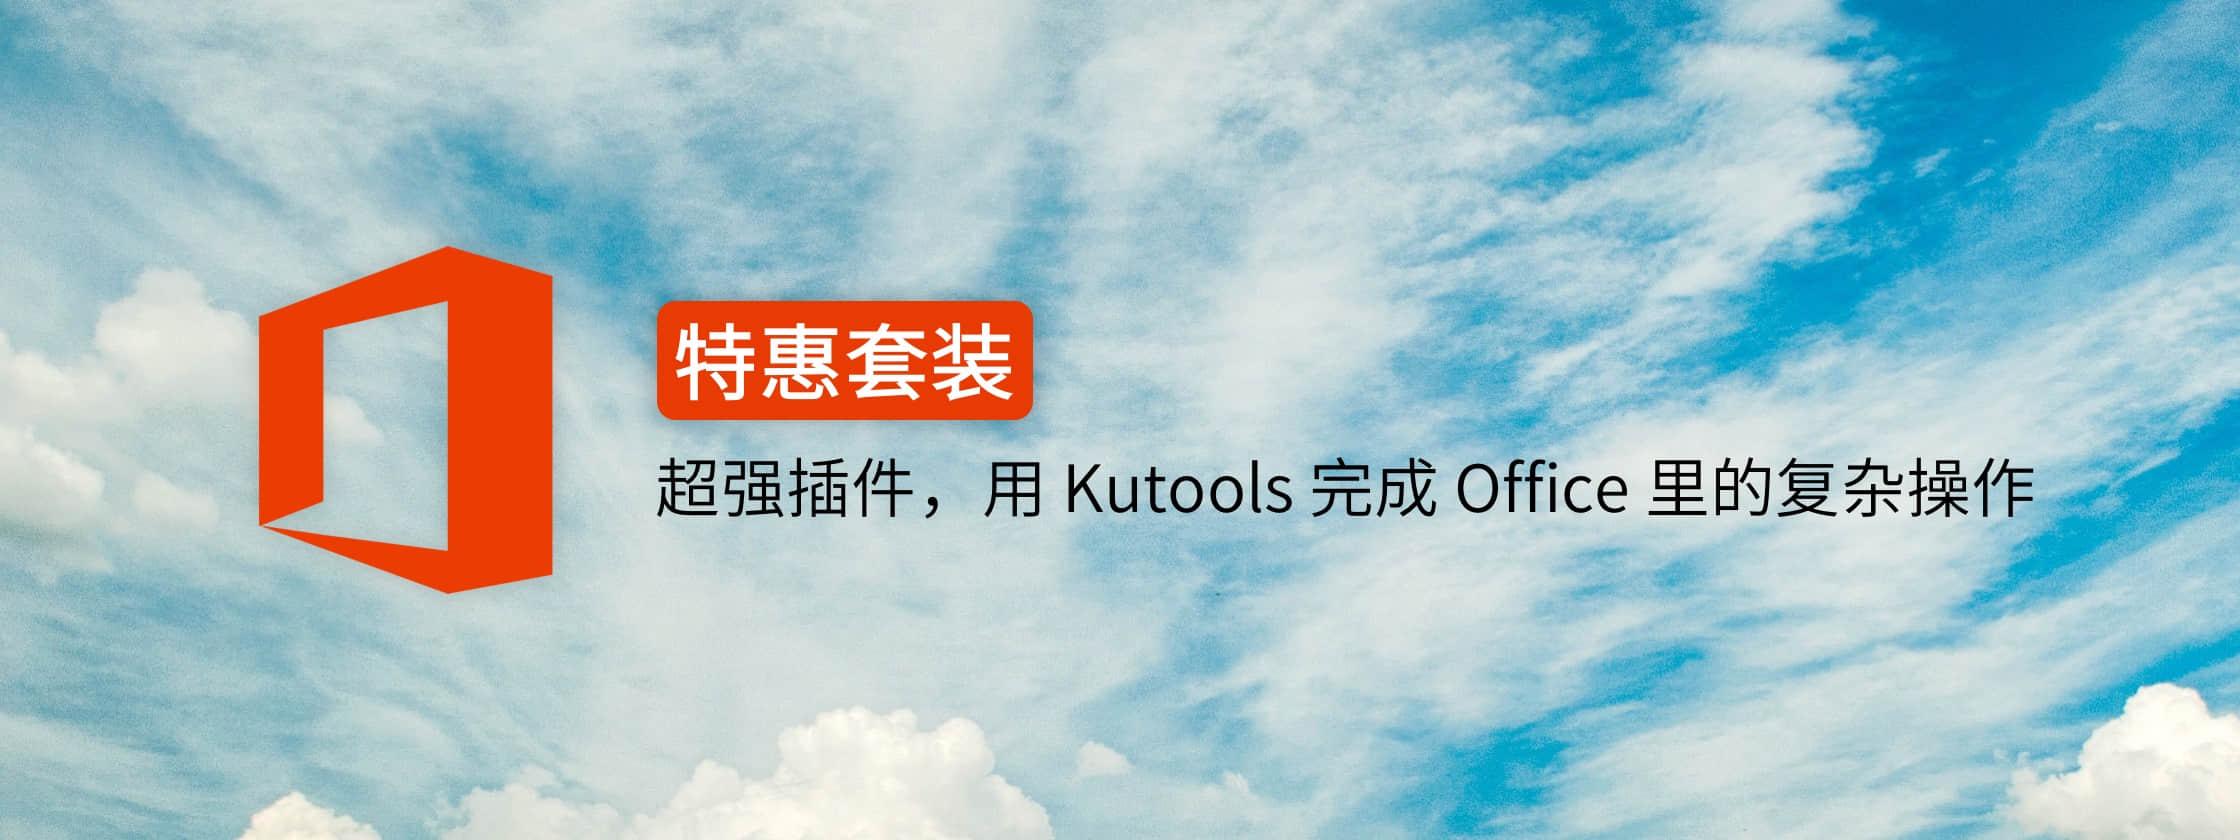 超值套装丨Word、Excel 和 Outlook 里的复杂操作,用 Kutools 就能一键完成